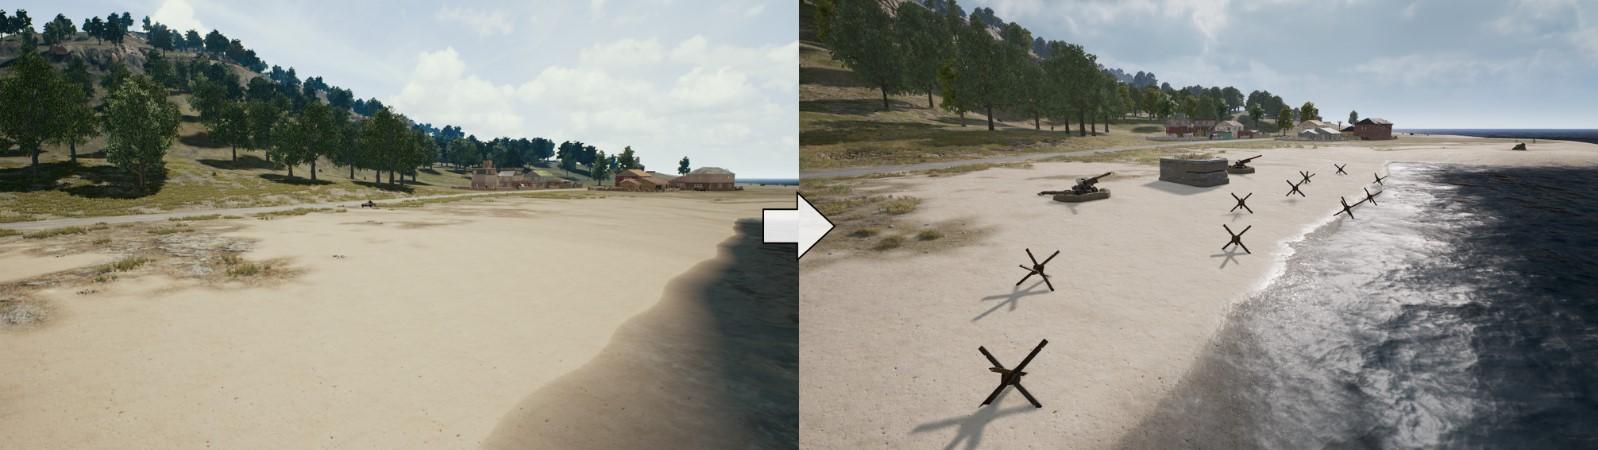 海岸邊新增障礙物。